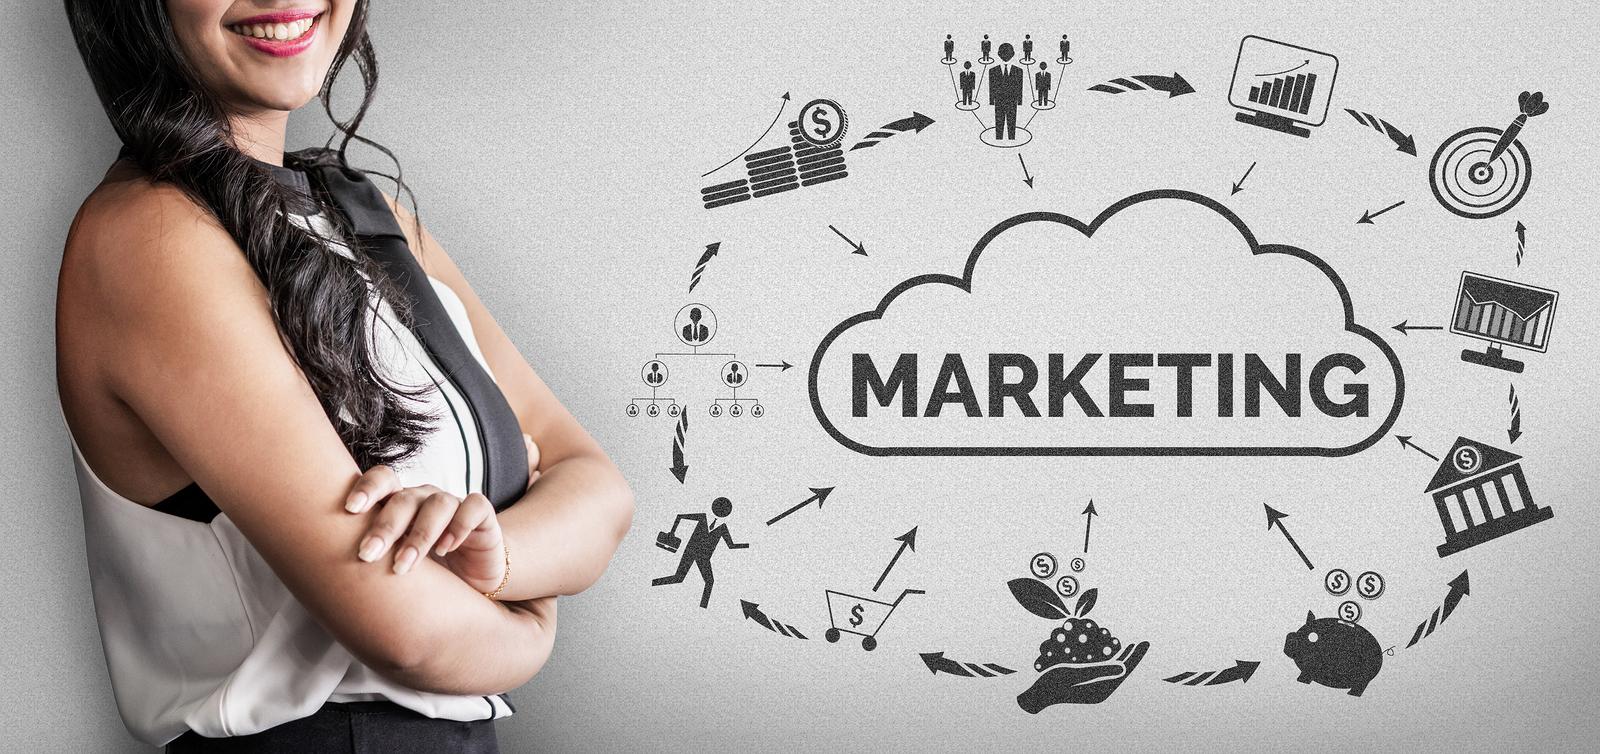 Come un'agenzia di marketing digitale utilizzerà i social media